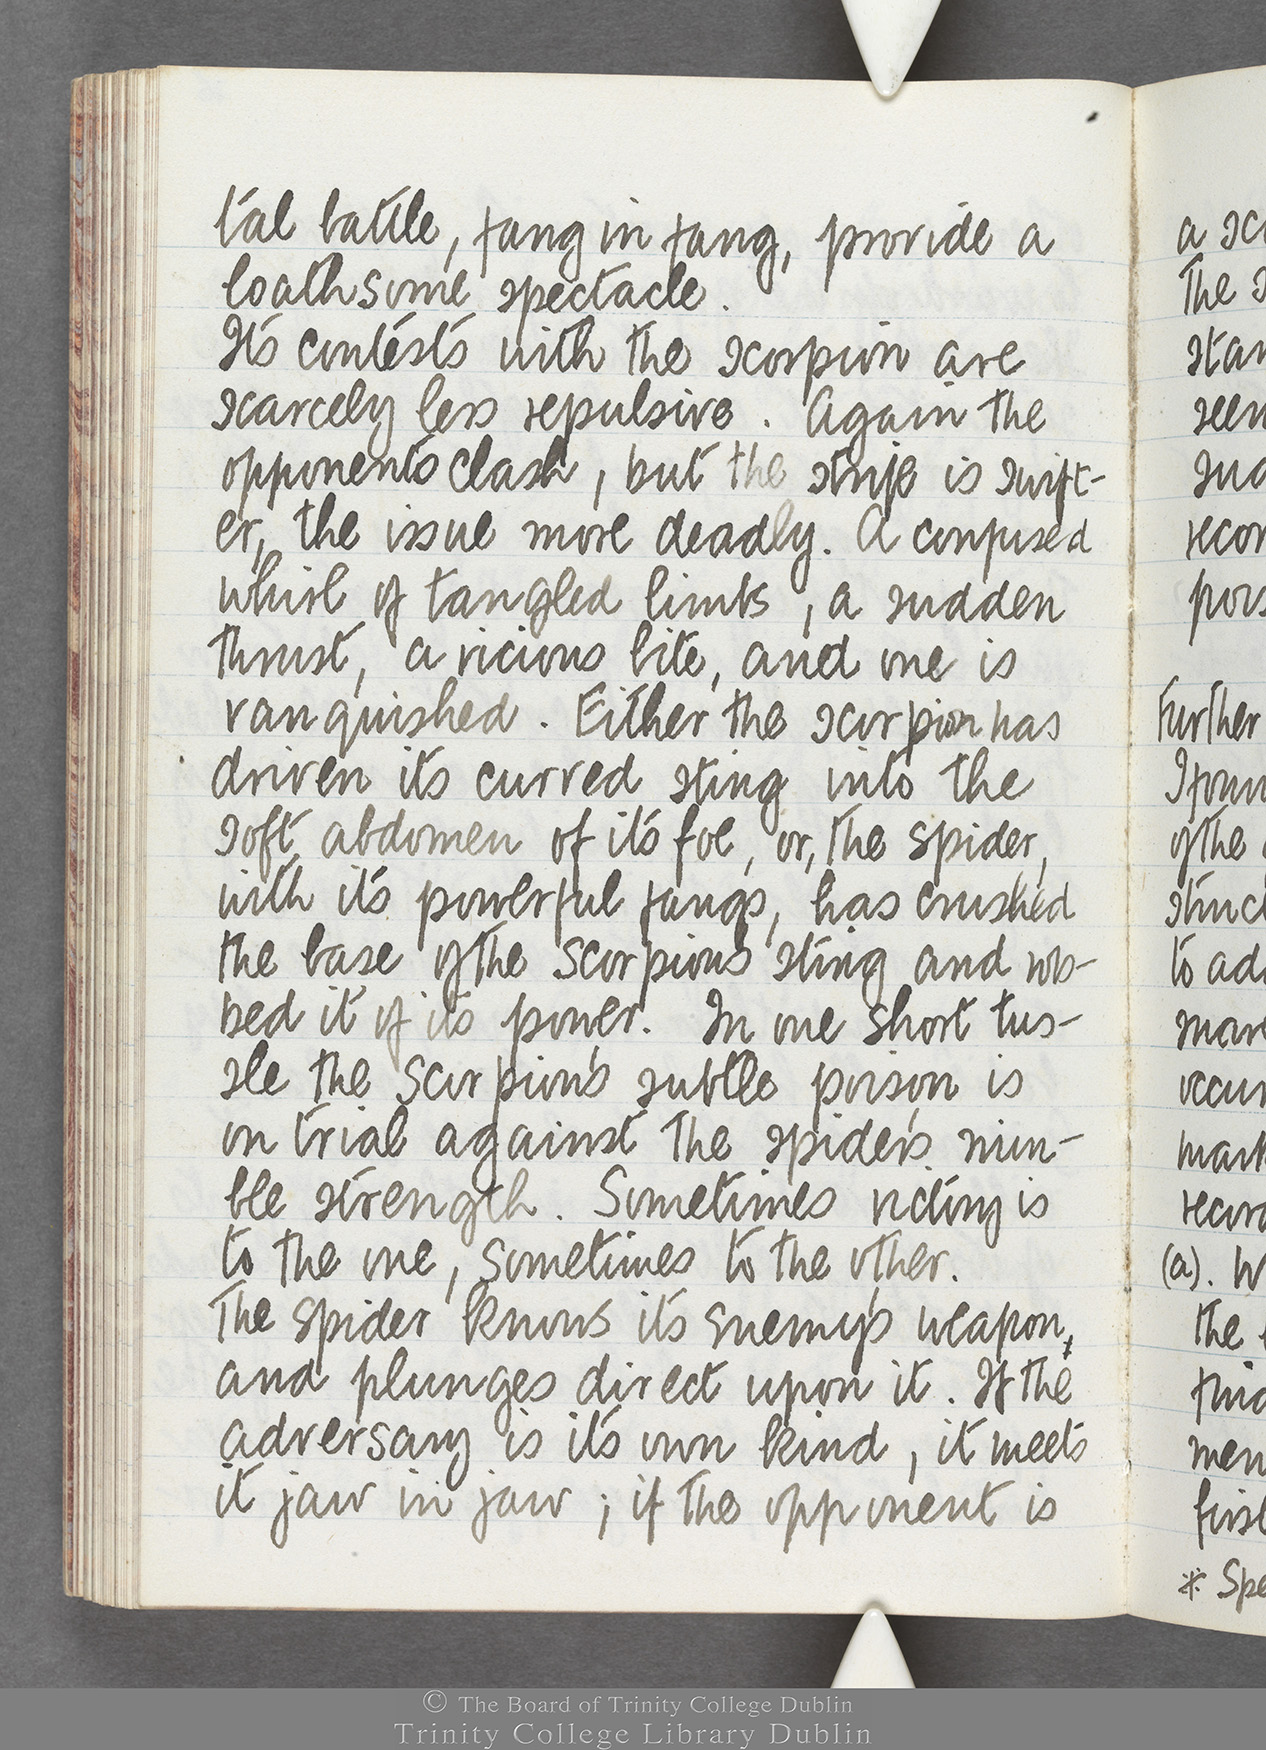 TCD MS 10516 folio 75 verso